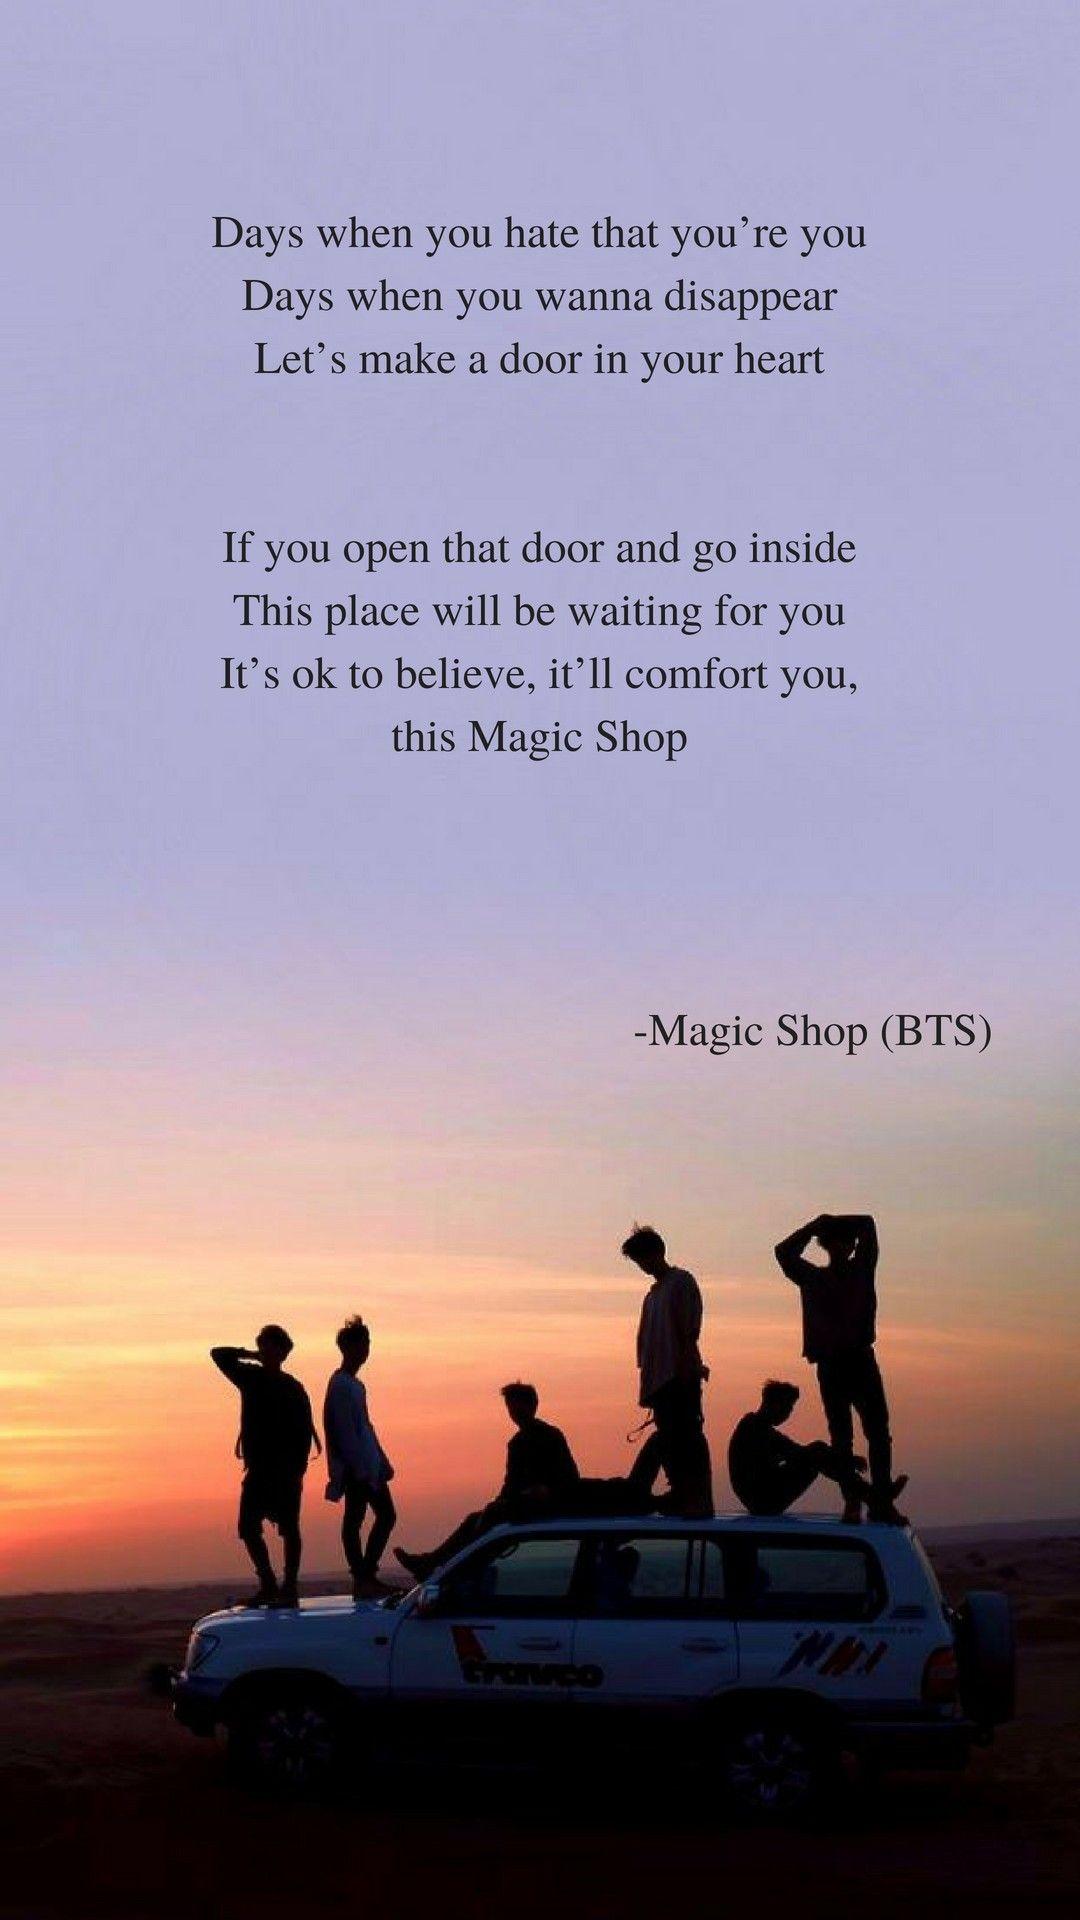 Magic Shop By Bts Lyrics Wallpaper Follow My Ig For The Most Recent Ones Jinniehosh Bts Wallpaper Lyrics Bts Lyric Bts Lyrics Quotes Bts lyrics wallpaper magic shop